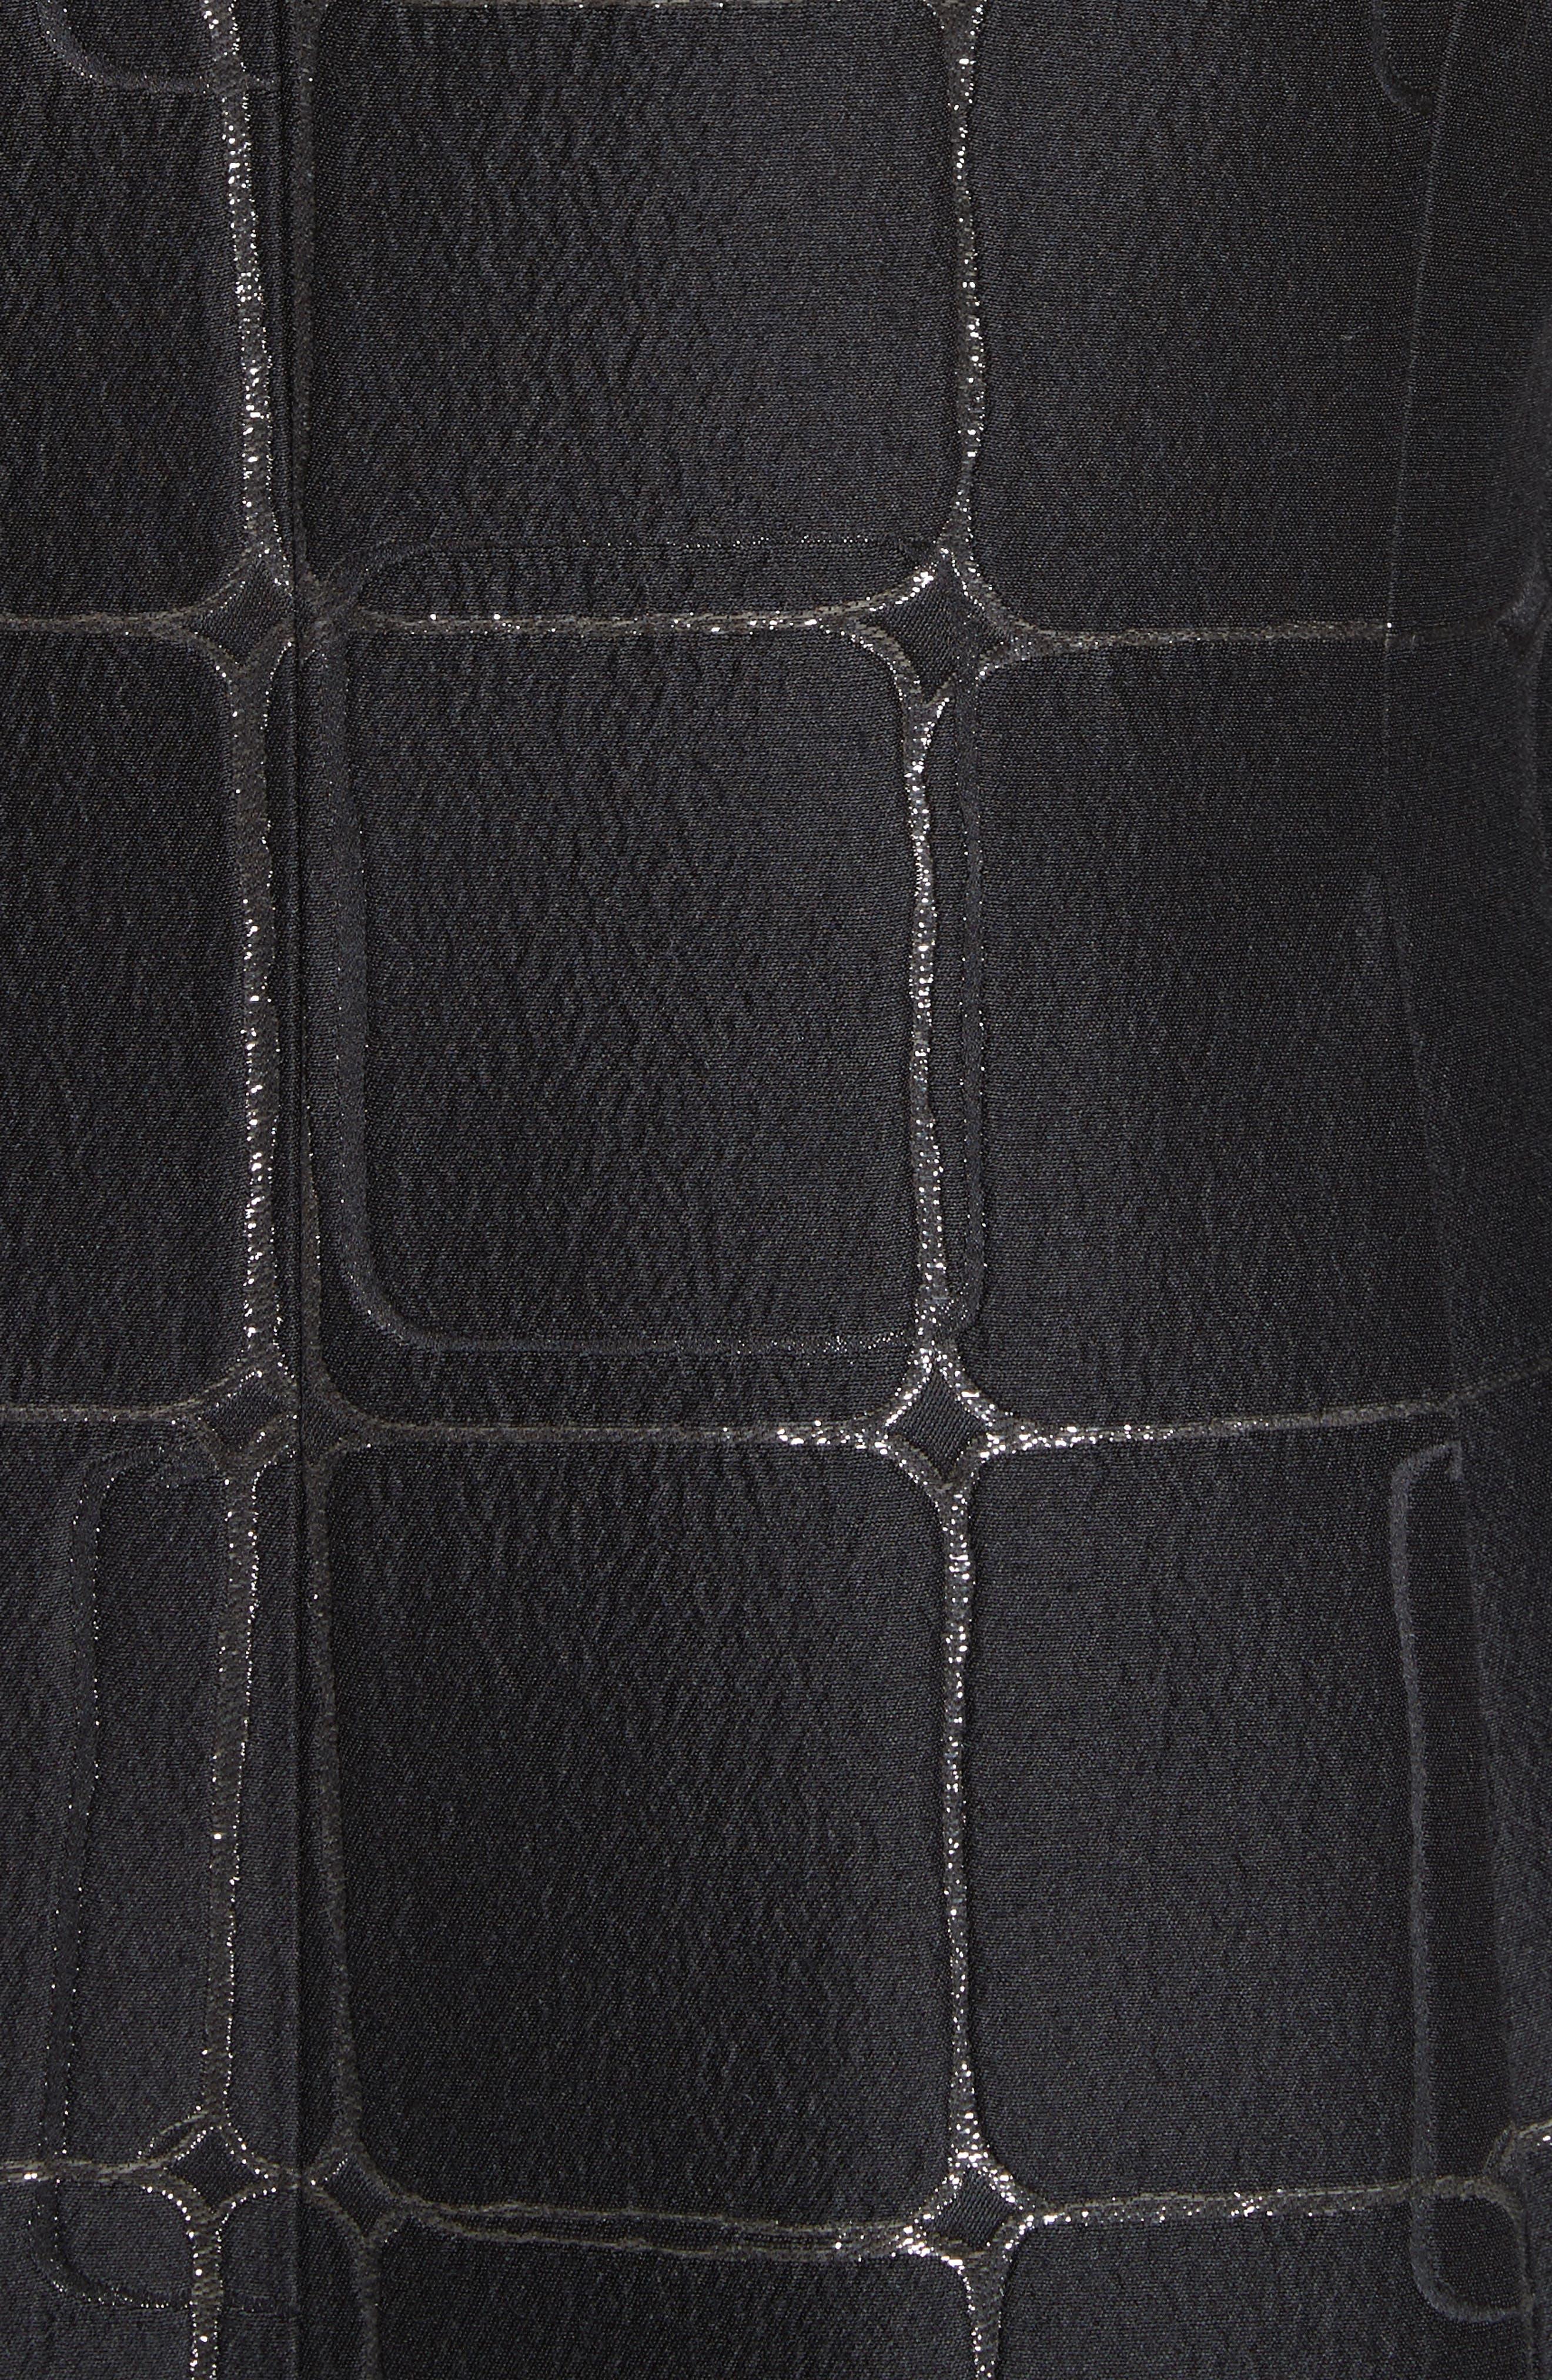 Square Metallic Jacquard Jacket,                             Alternate thumbnail 6, color,                             001